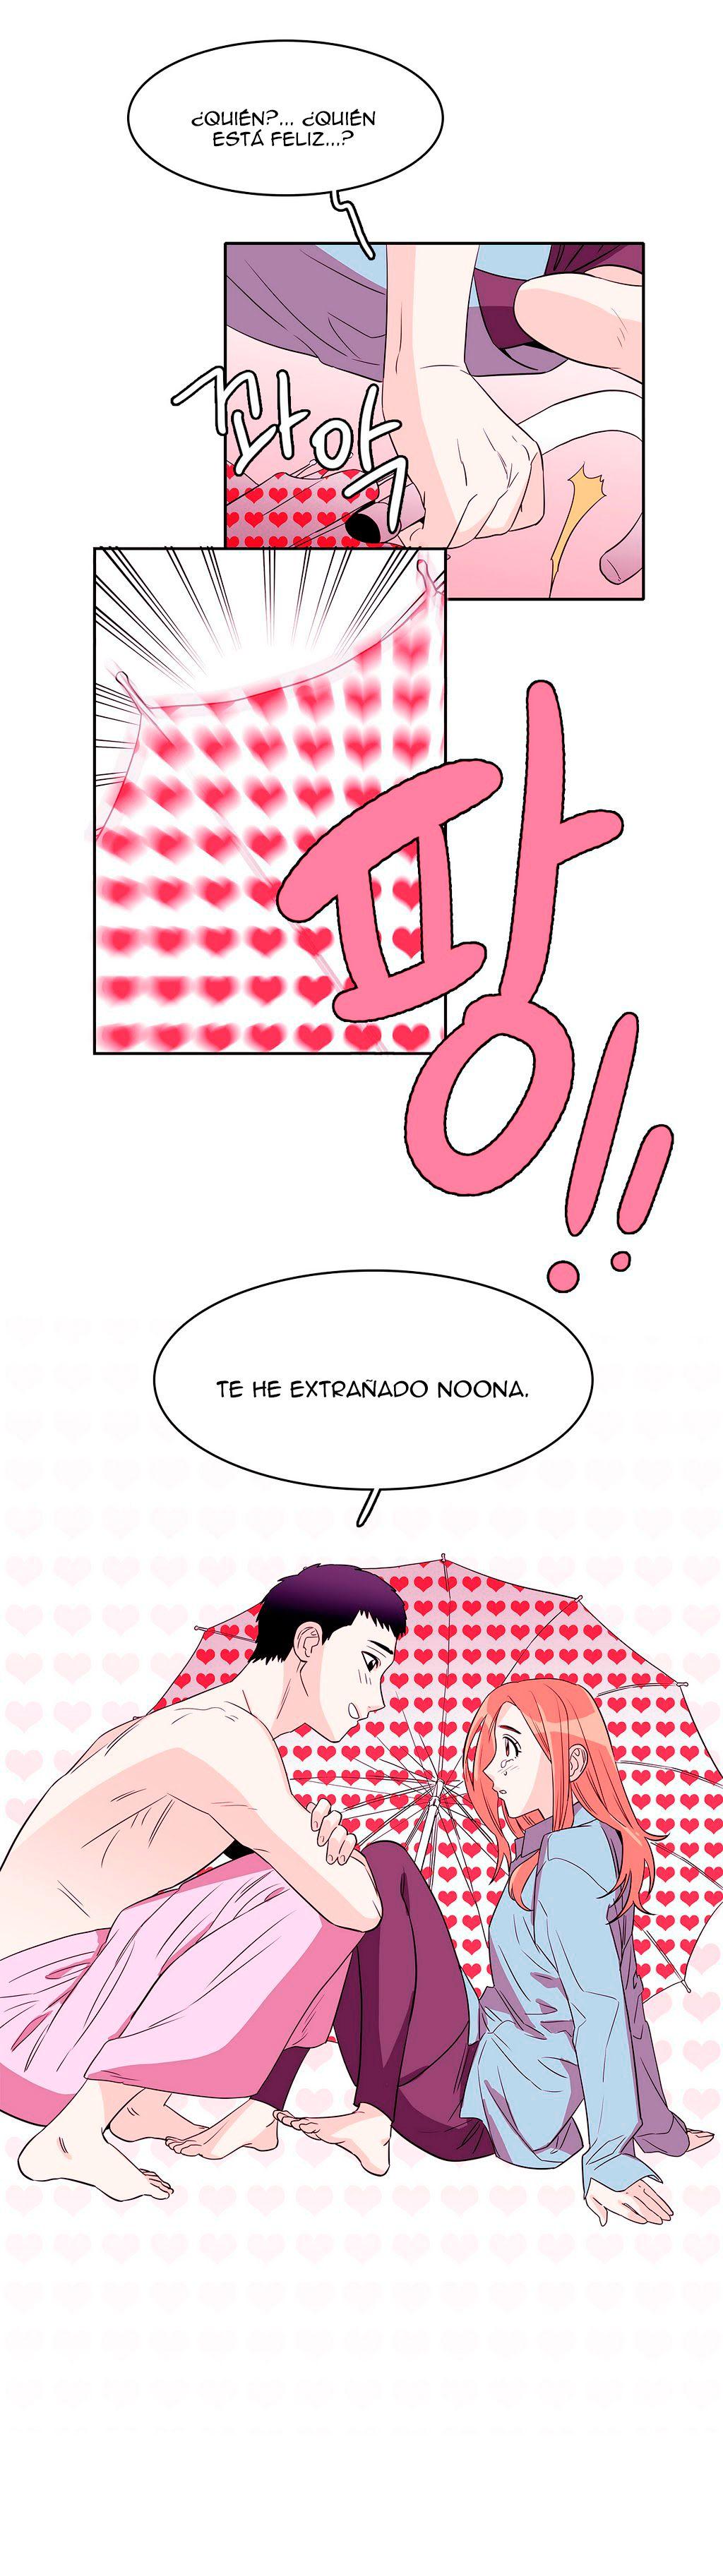 http://c5.ninemanga.com/es_manga/51/19443/466082/0486089d84114ddf543e7a76356de13c.jpg Page 6